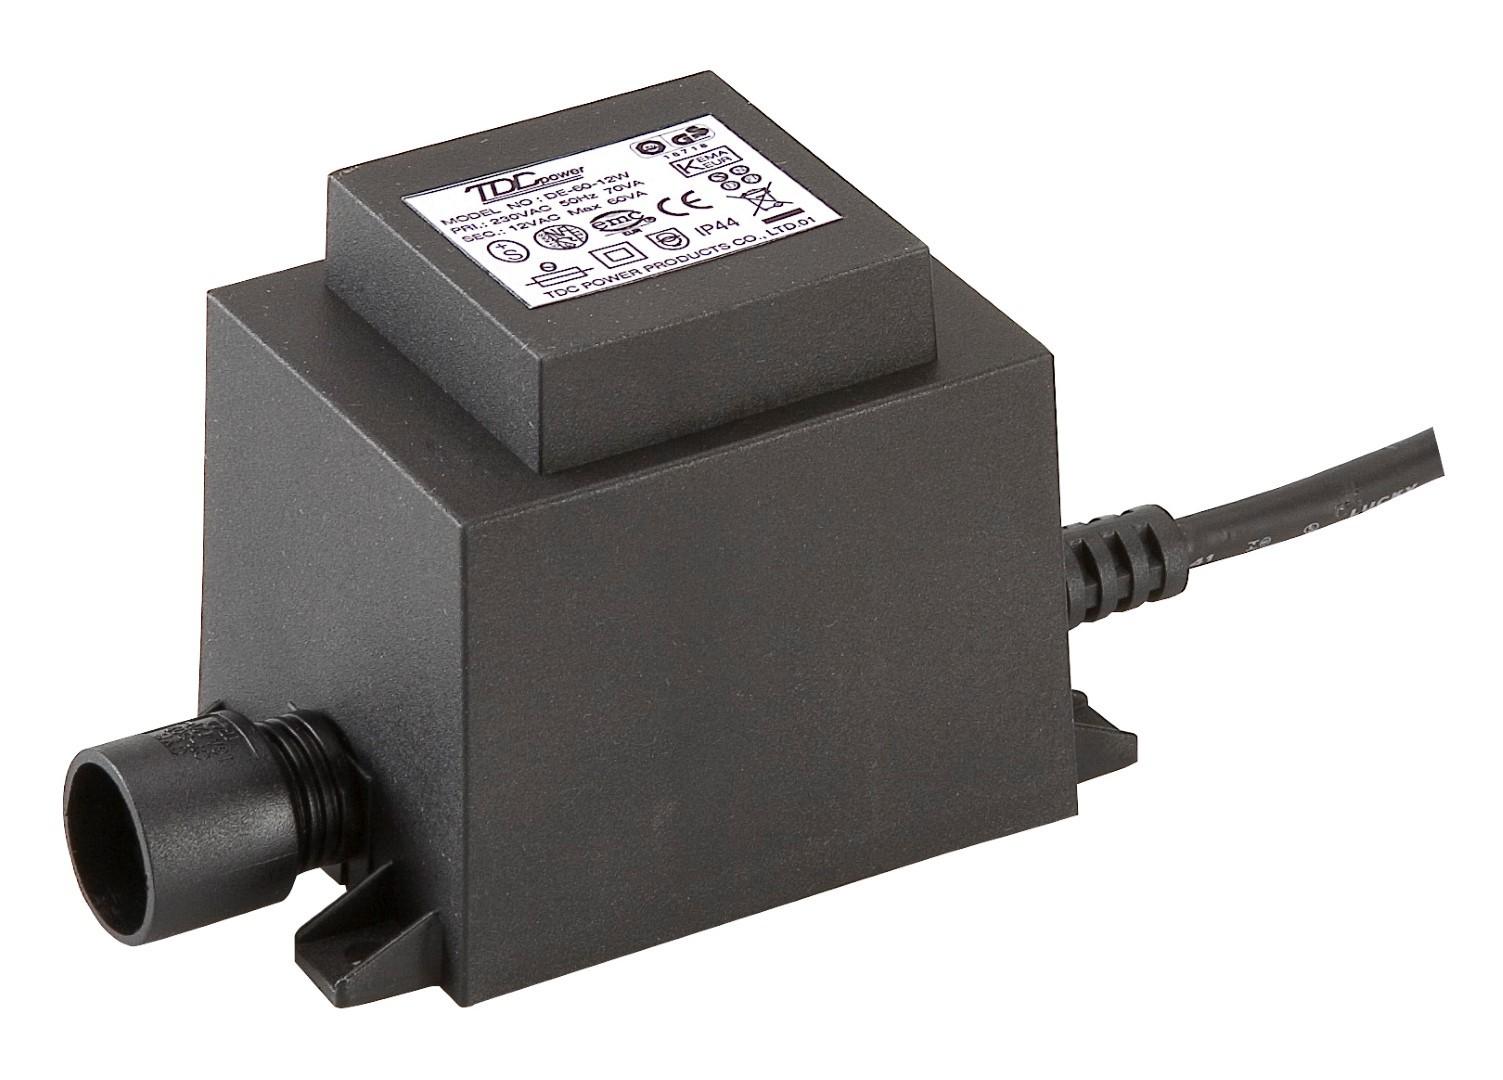 Buiten verlichting Transformator 12V 60 W Garden Lights